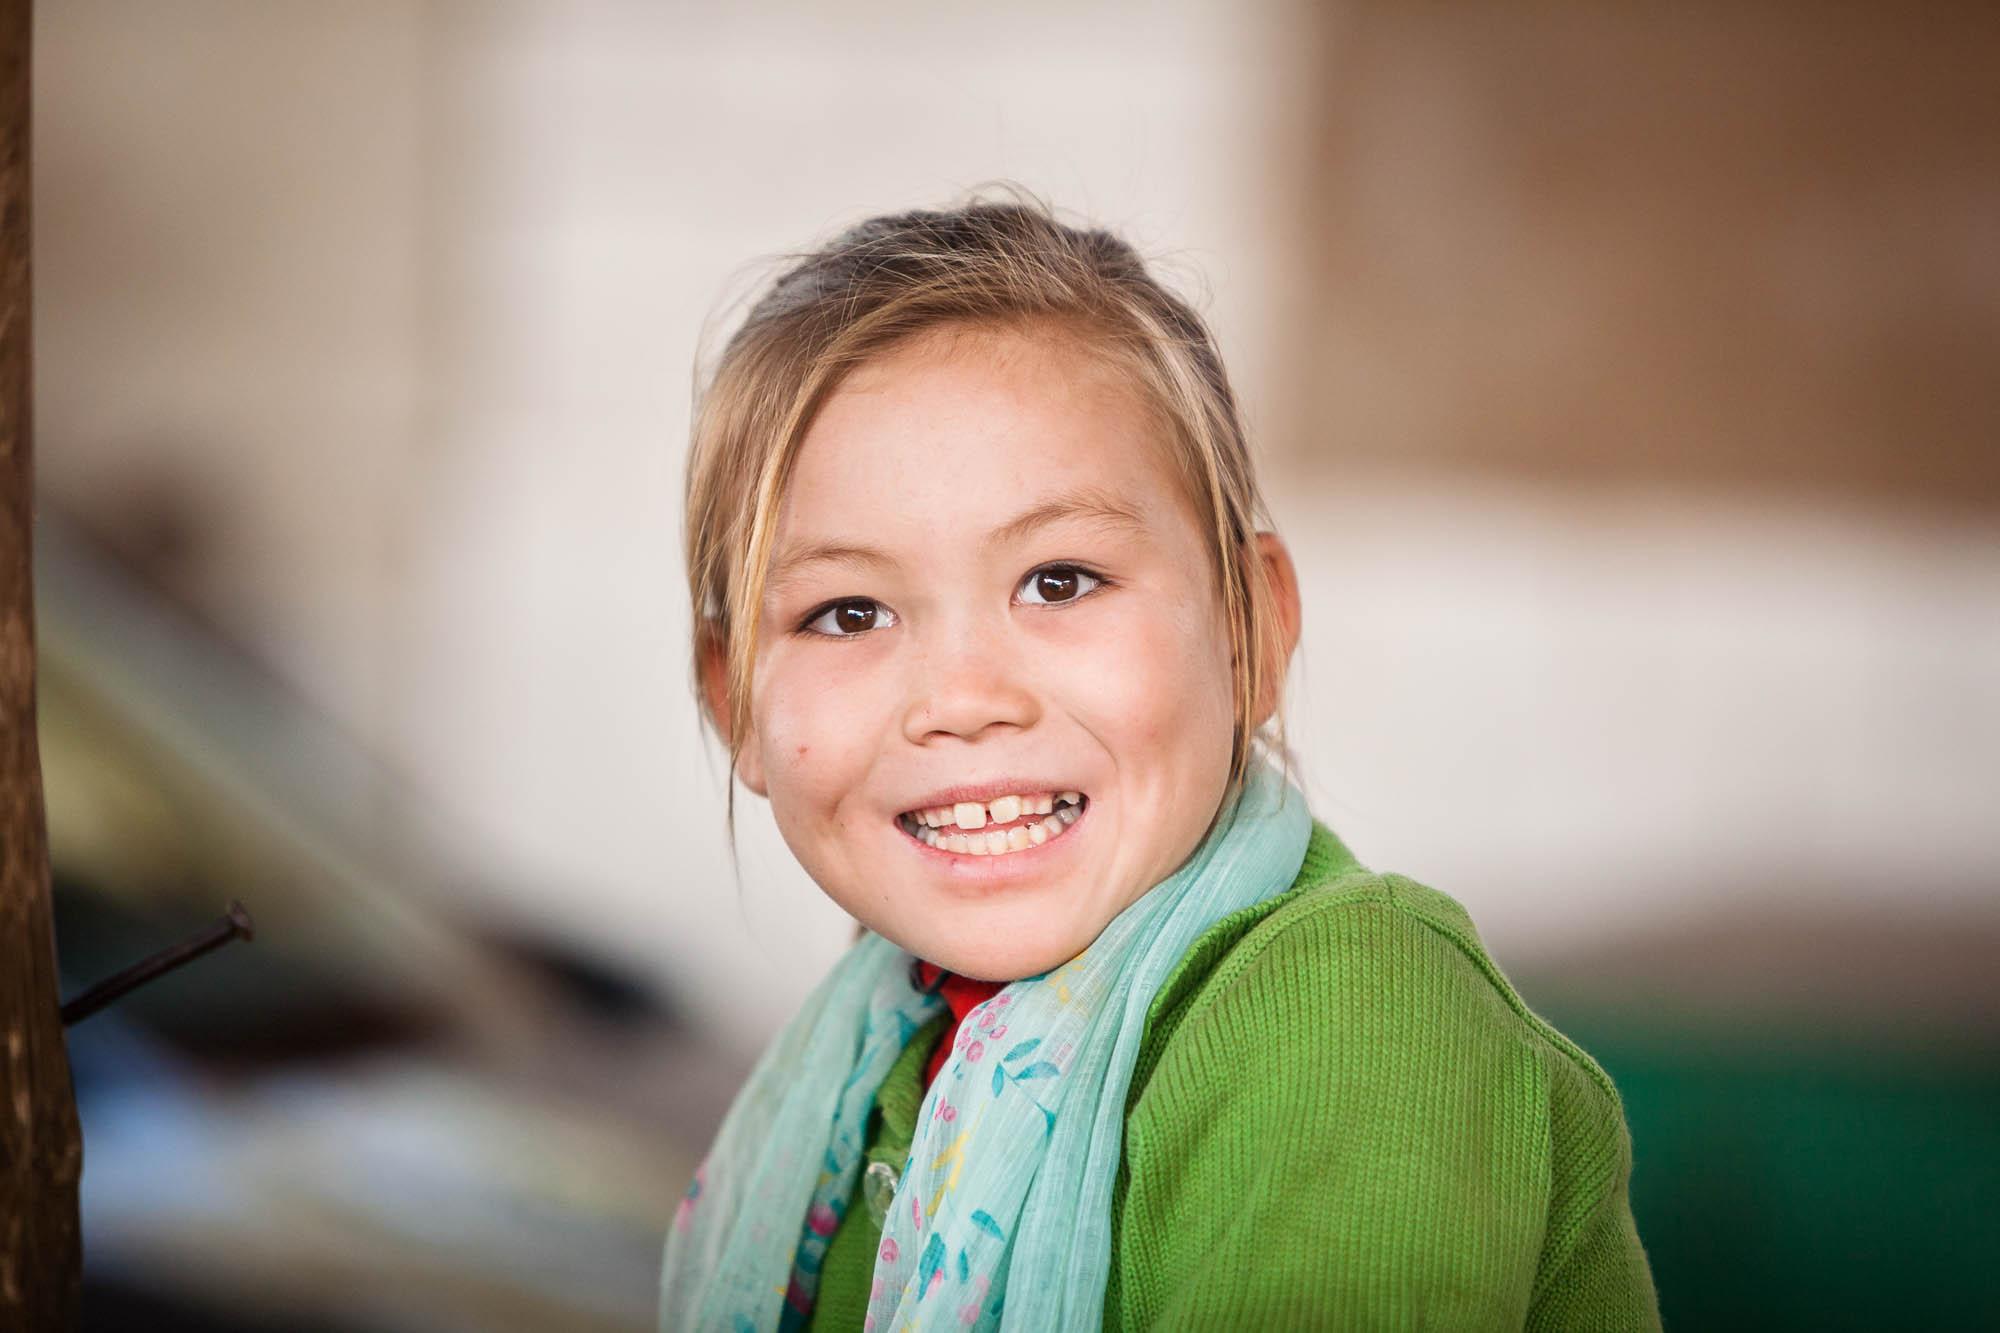 blonde Uyghur girl